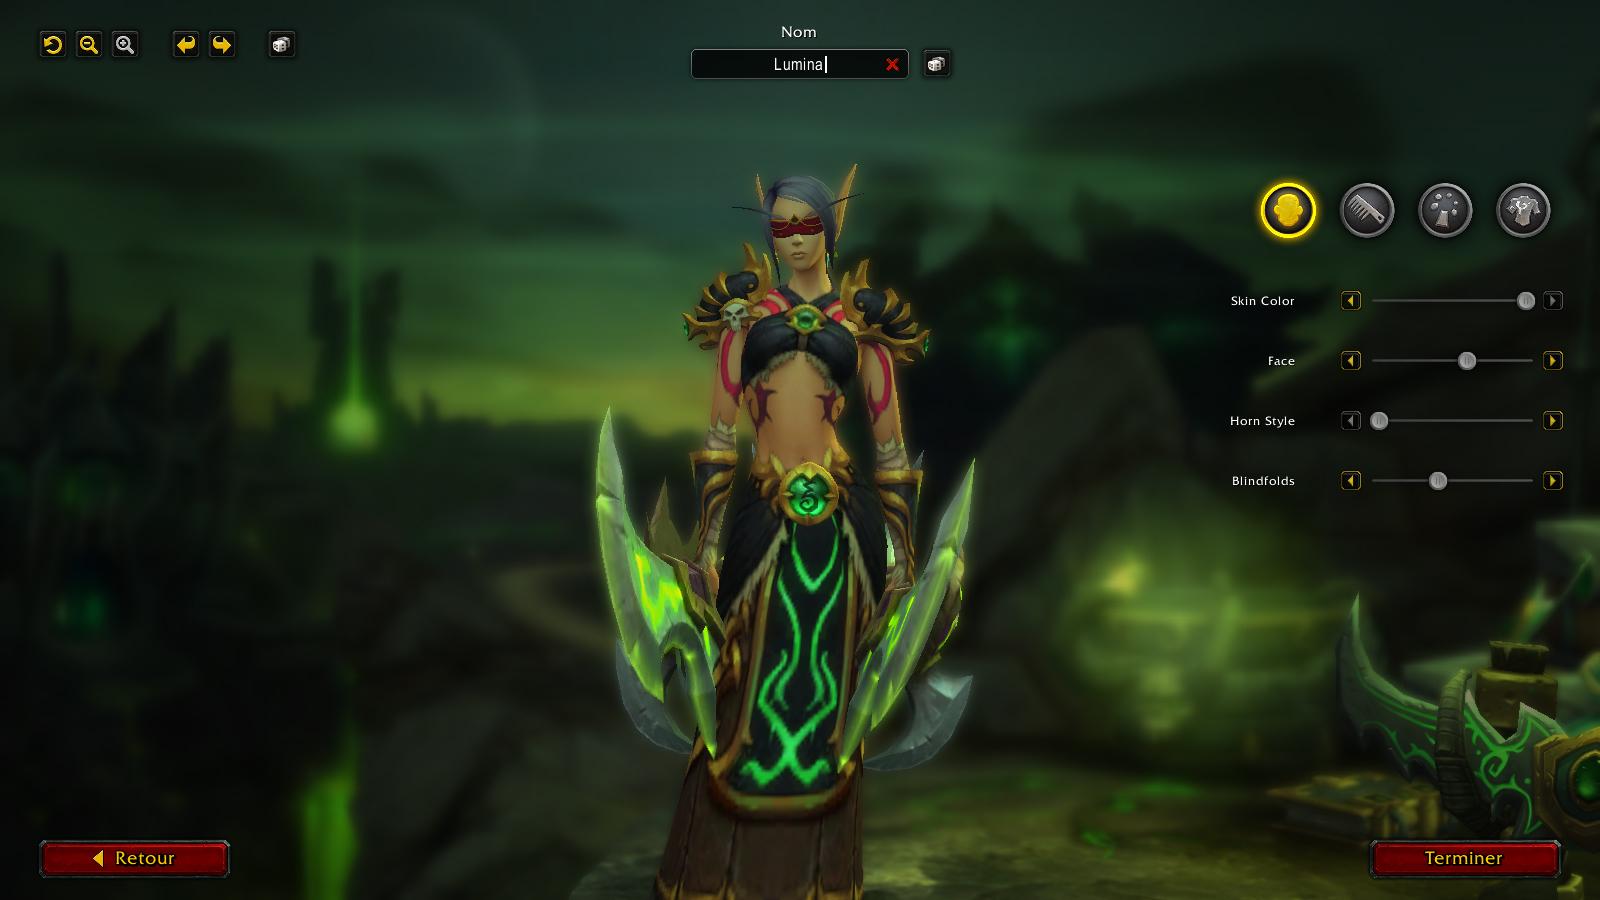 Nouvel écran de sélection lors de la création du personnage à Shadowlands